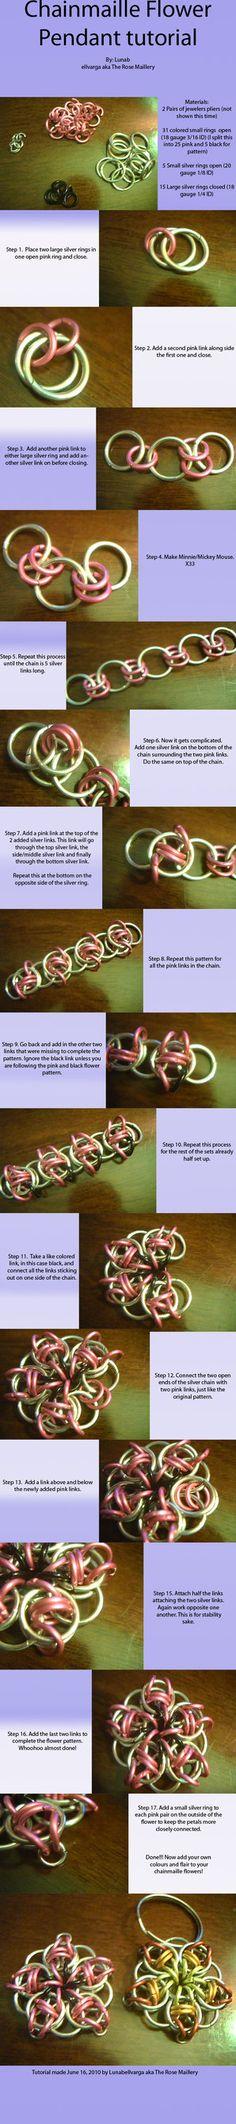 Chainmaille flower tutorial by ~lunabellvarga on deviantART